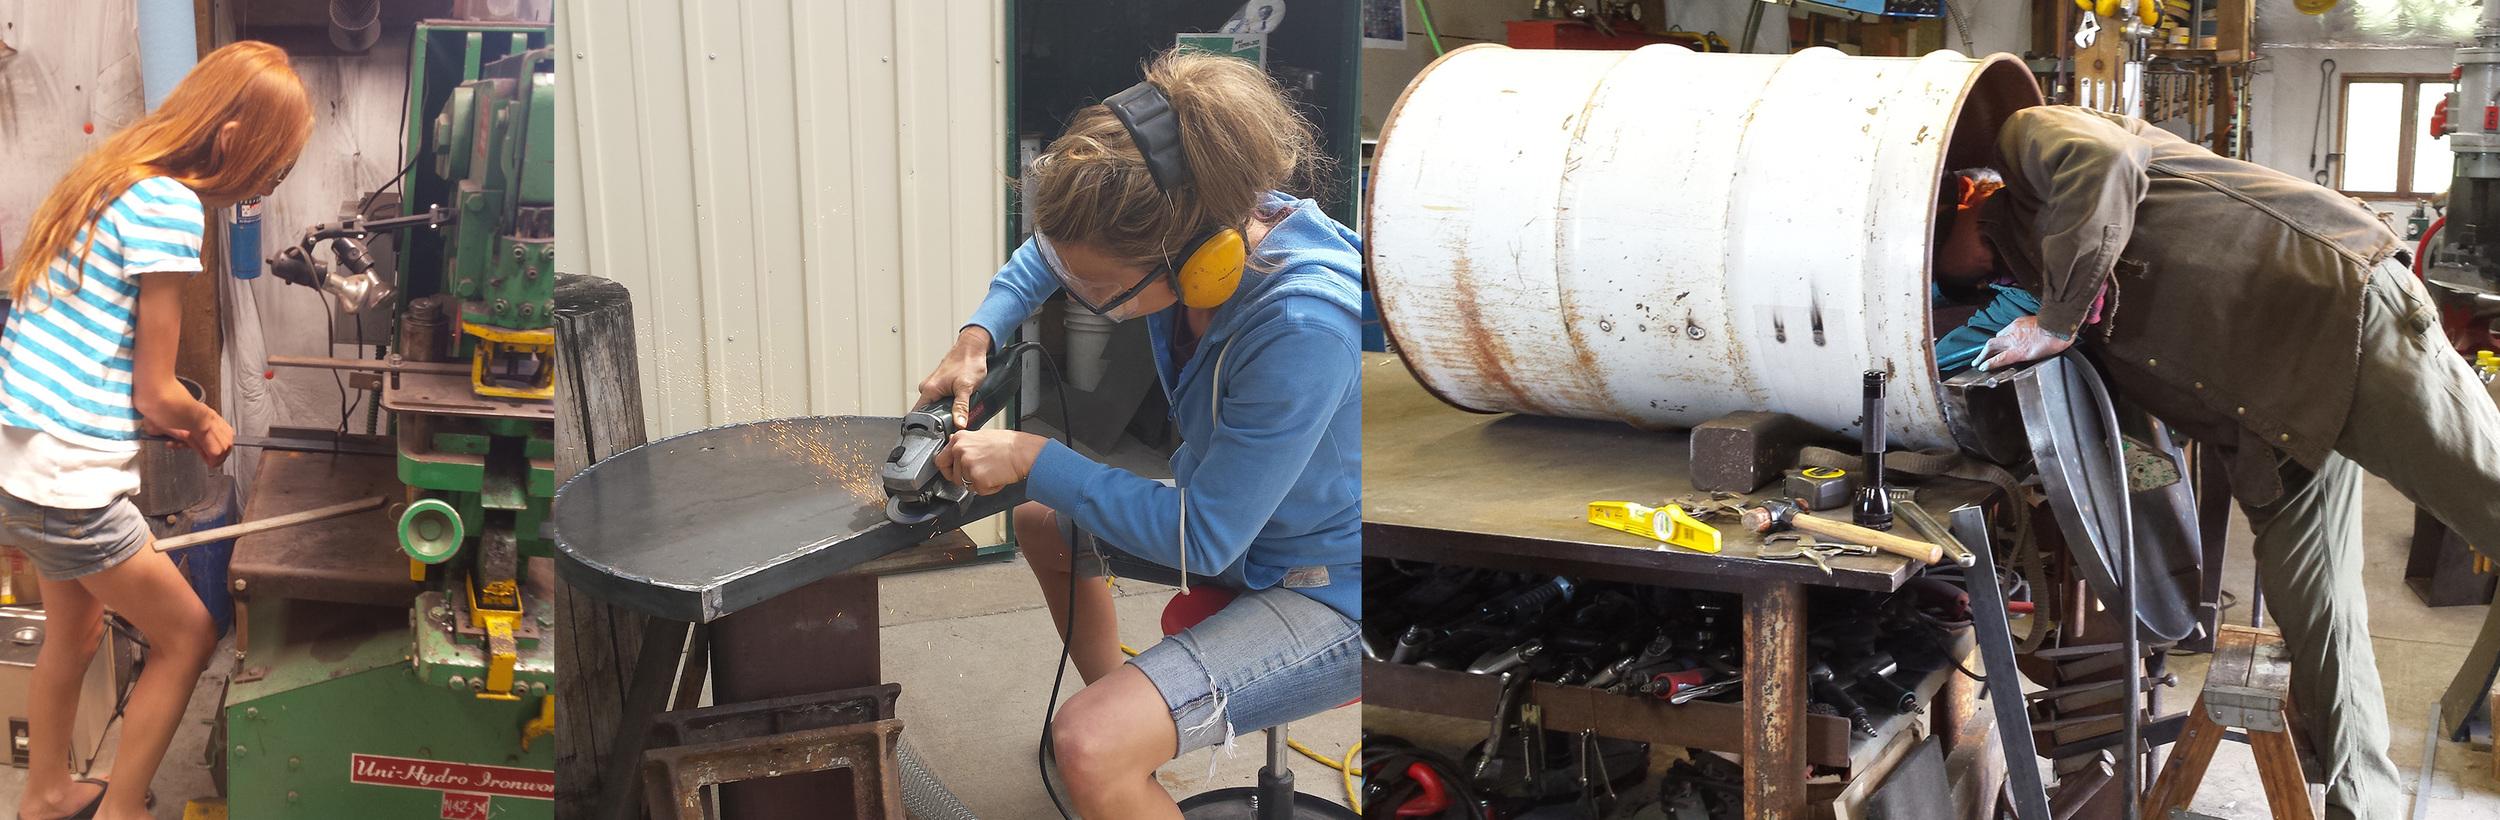 Emma cutting metal, Sarah grinding the oven door, Scott welding in the oven racks!